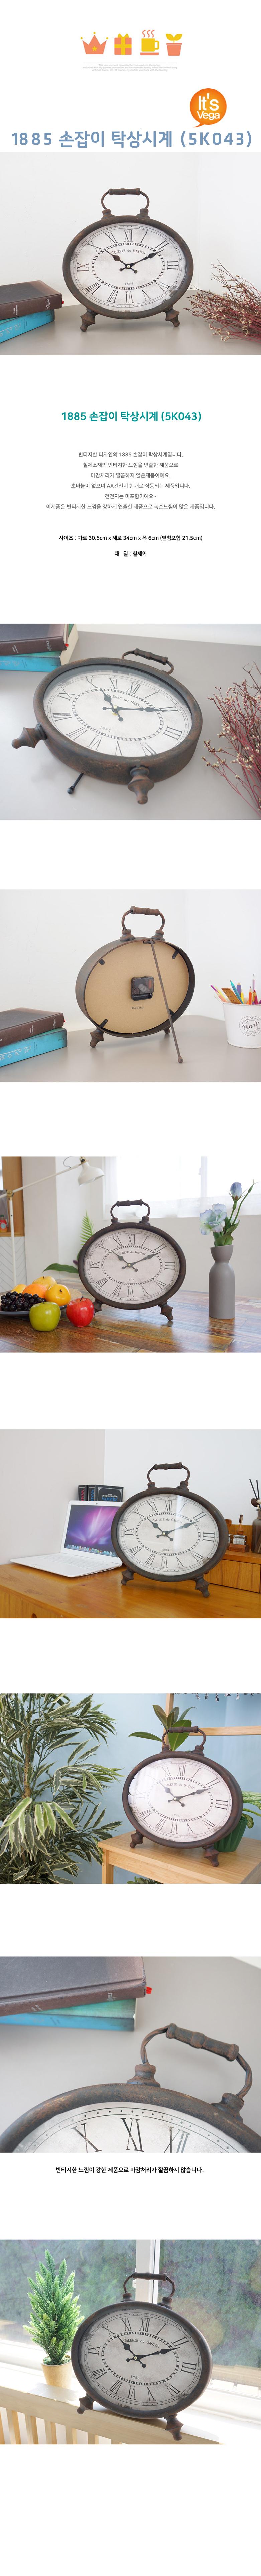 1885 손잡이 탁상시계 (5K043) - 베가, 49,000원, 알람/탁상시계, 디자인시계